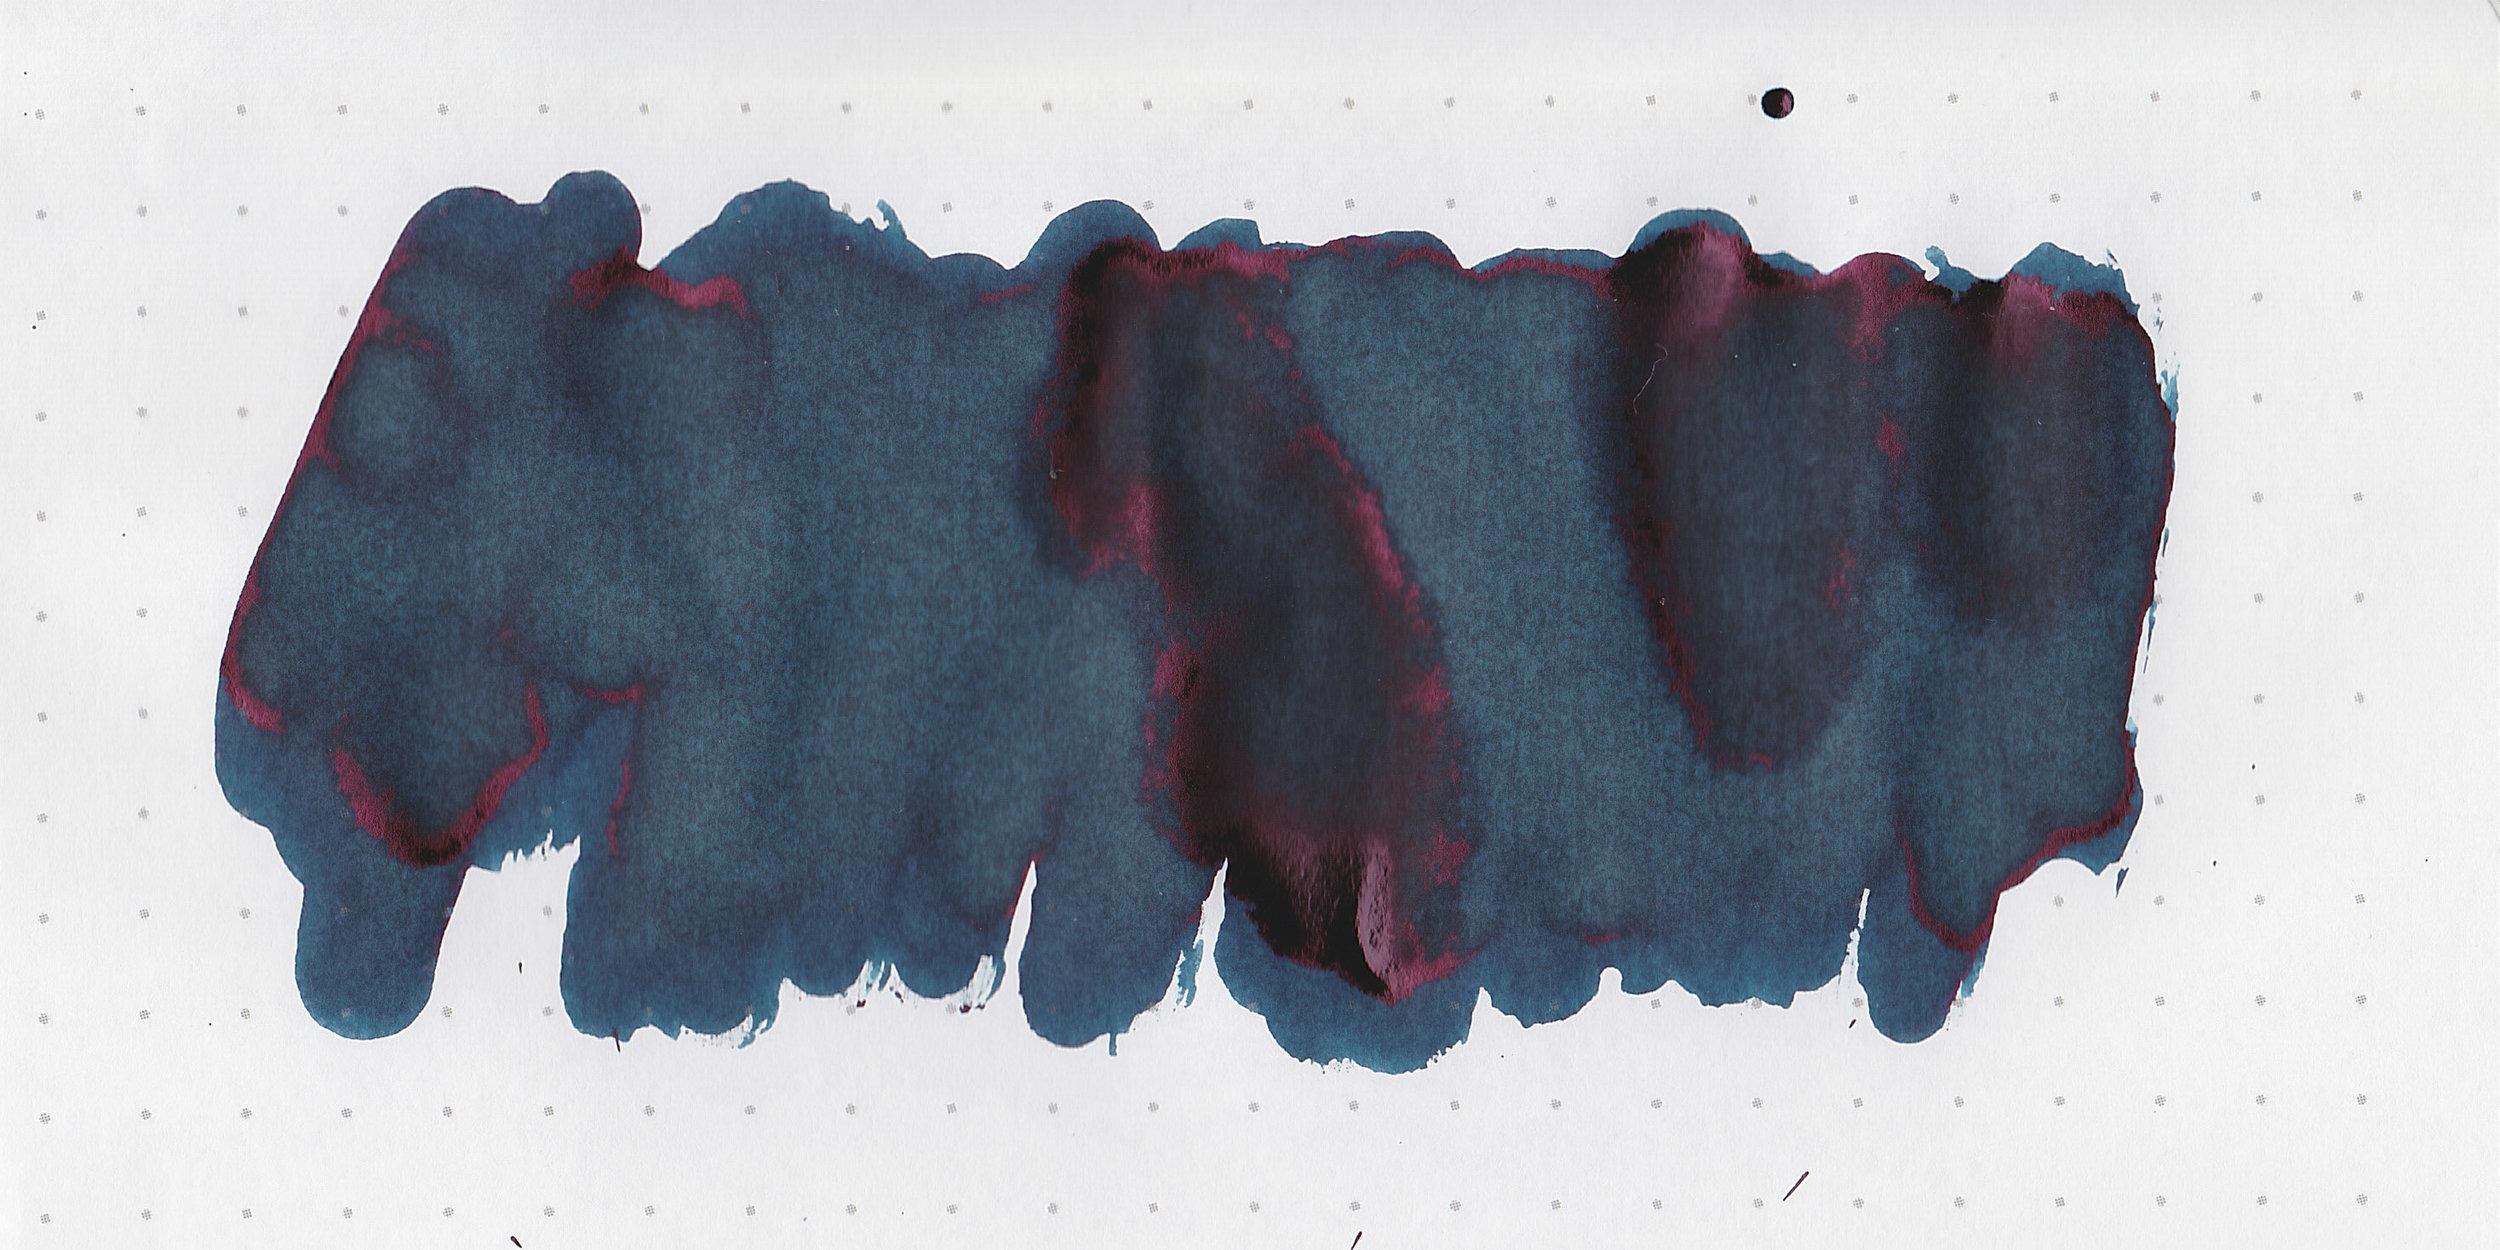 3o-navy-blue-11.jpg